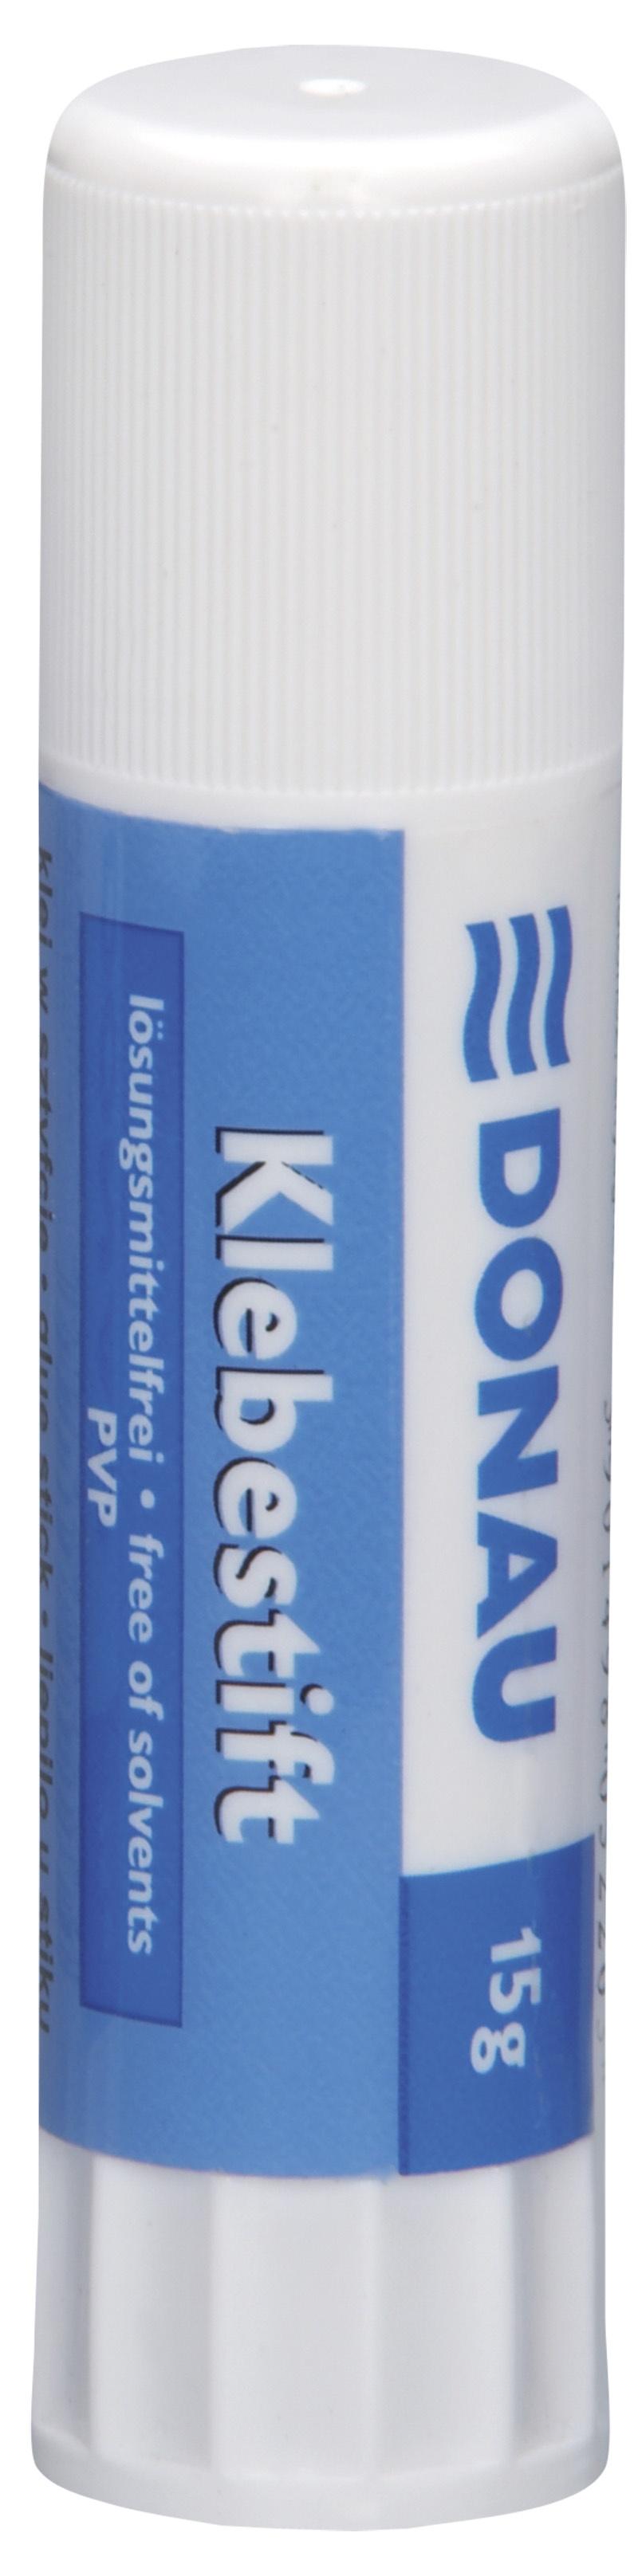 Glue Stick DONAU, 15g